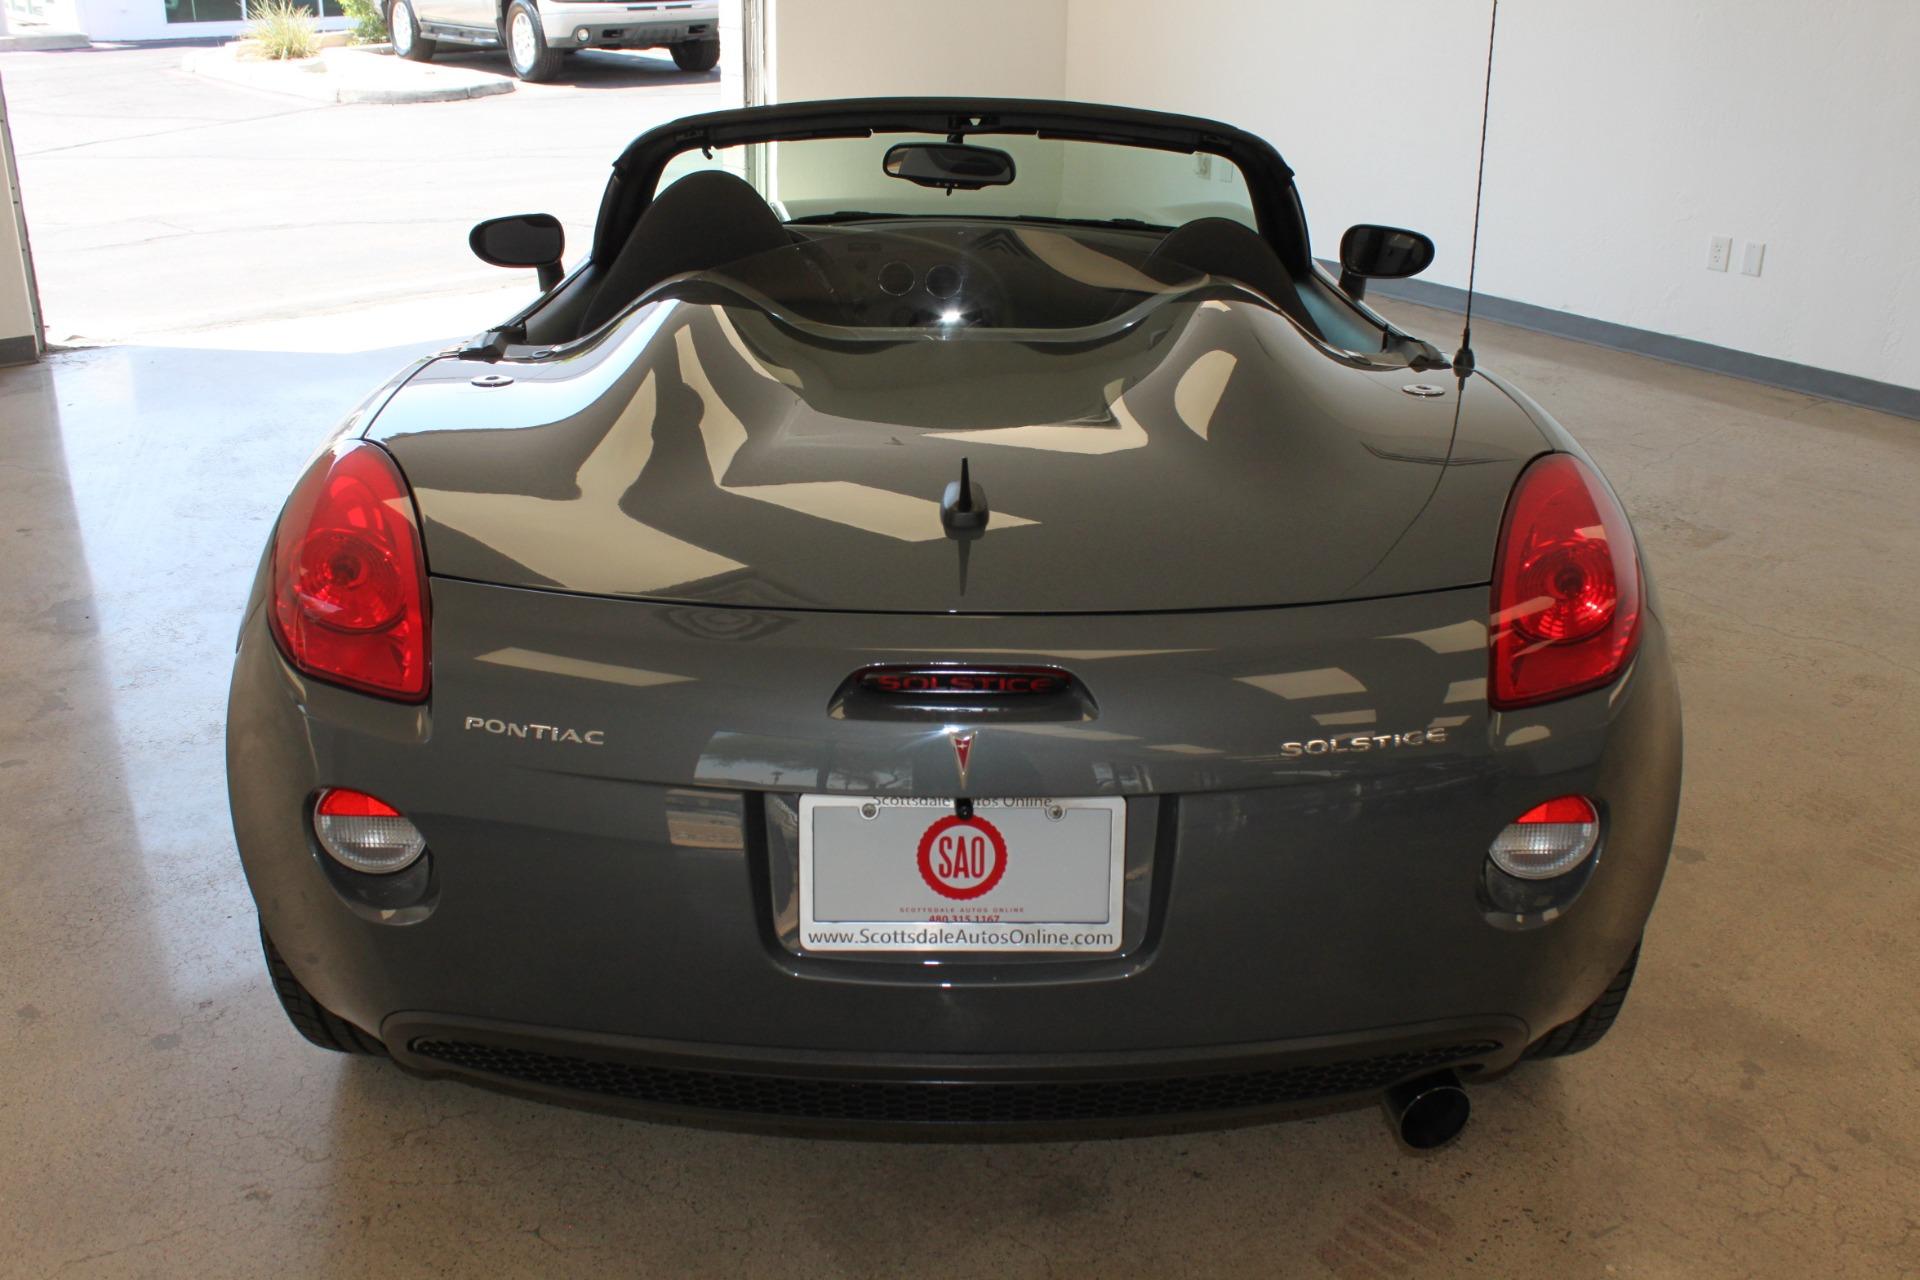 Used-2009-Pontiac-Solstice-Convertible-Lexus